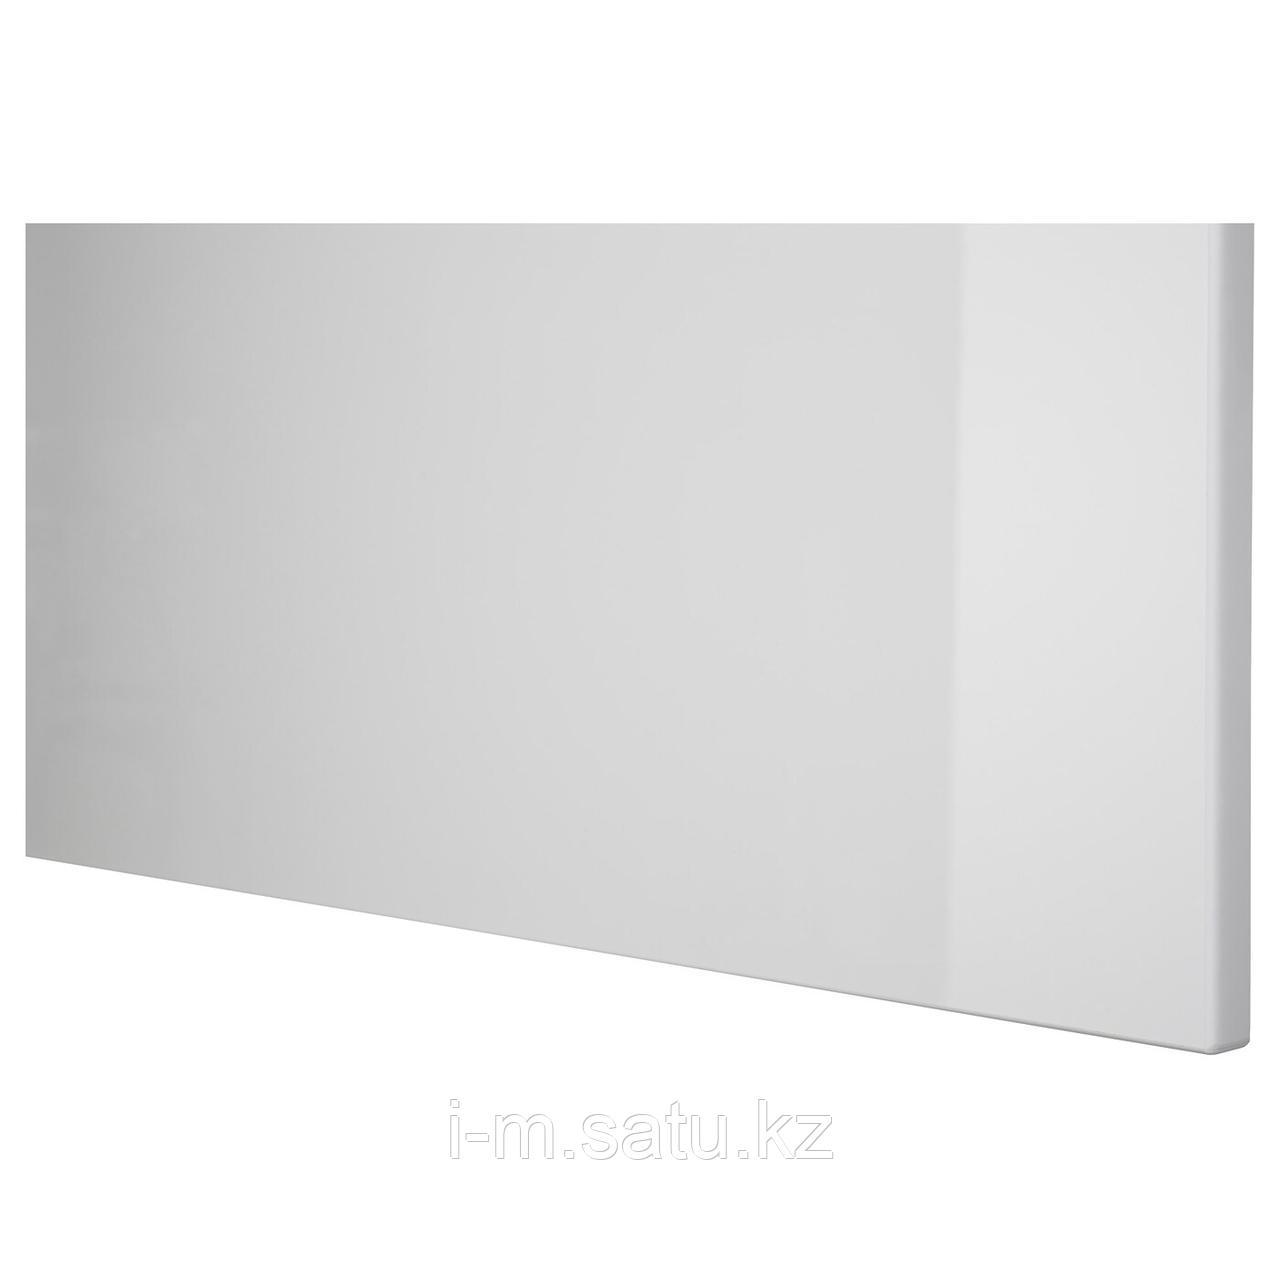 СЕЛЬСВИКЕН Фронтальная панель ящика, глянцевый светло-серый, 60x26 см